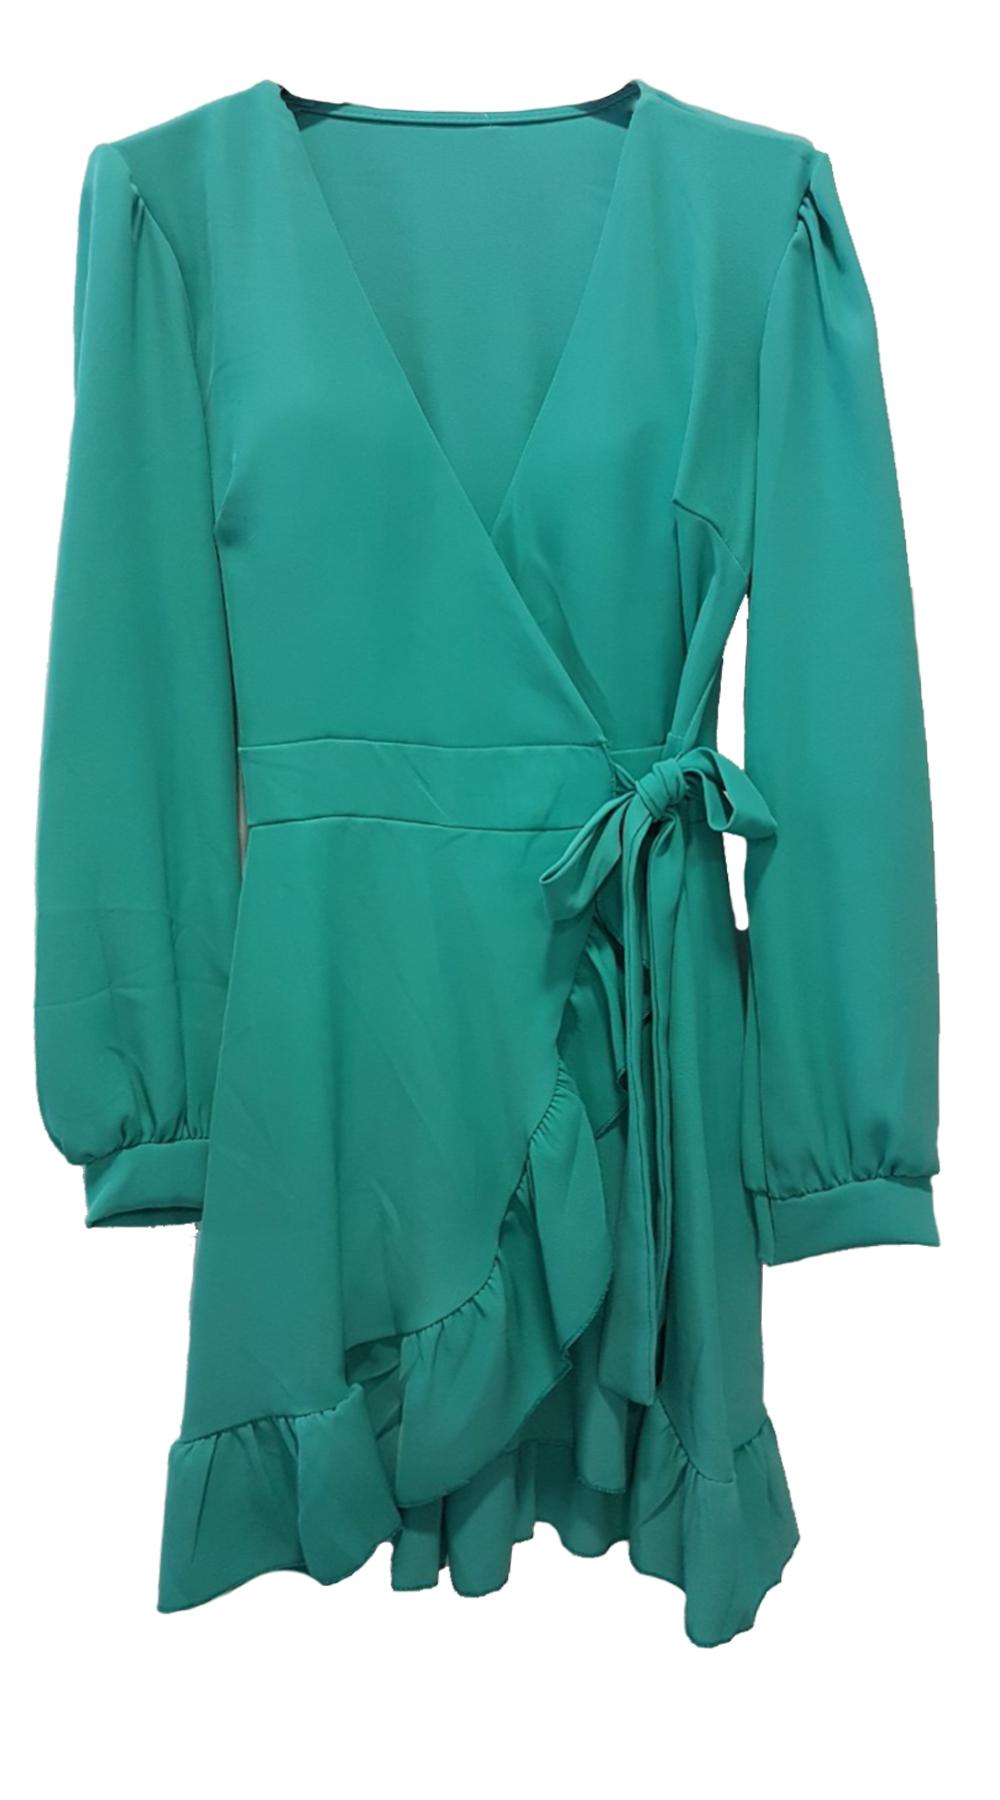 Κρουαζέ Μίνι Φόρεμα με βολάν στο τελείωμα - MissReina - SP19GAL-54470 φορέματα μίνι φορέματα